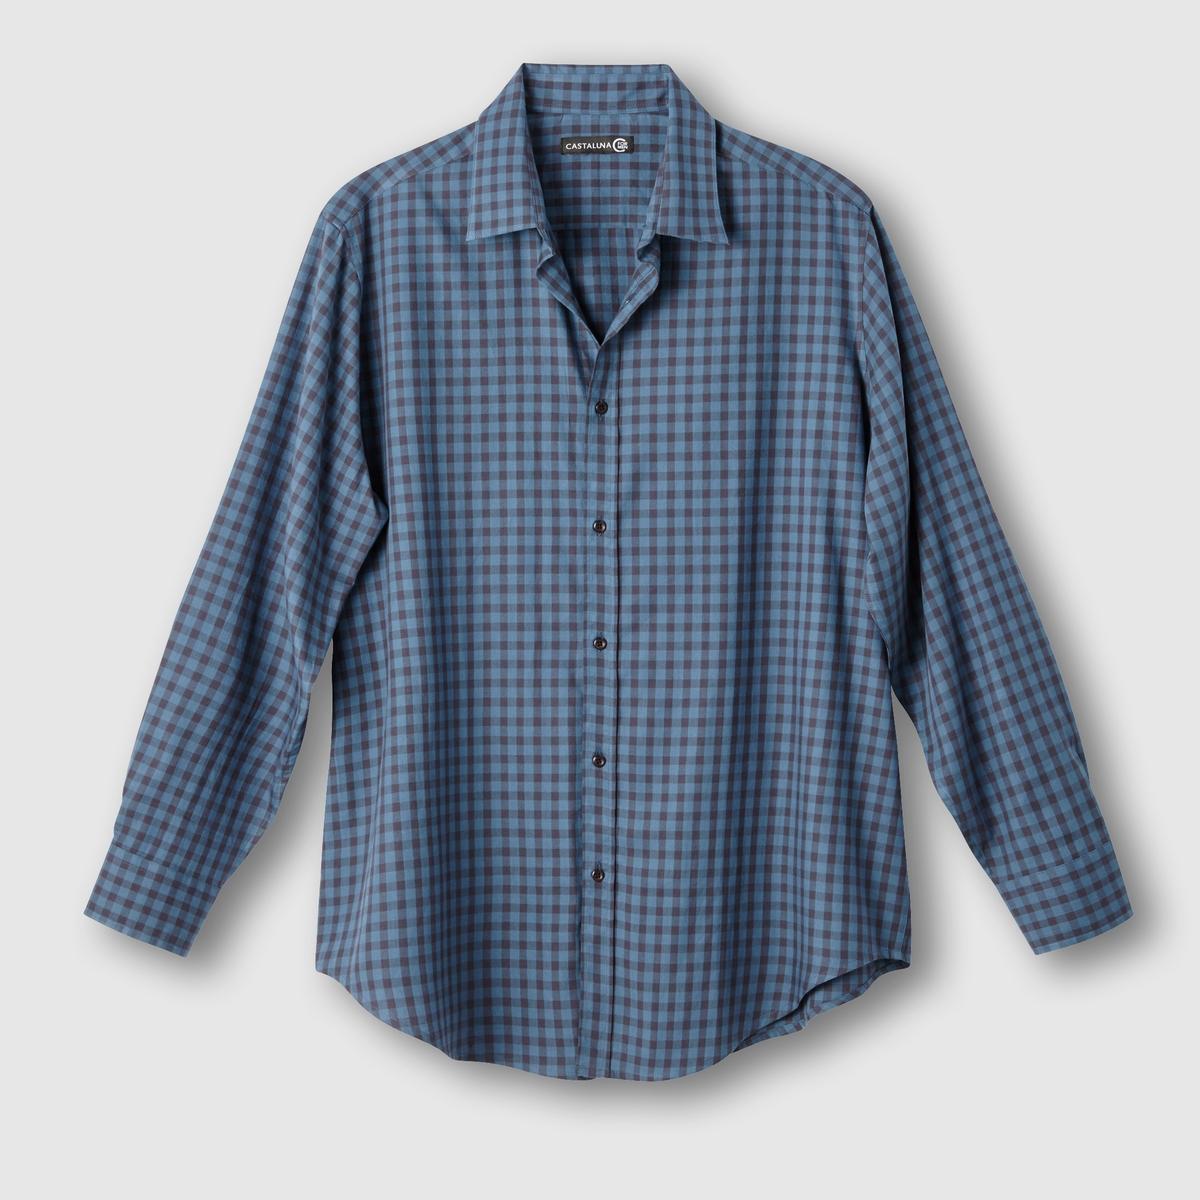 Рубашка в клеткуРубашка в клетку. Длинные рукава. 2 складки сзади для большего комфорта. Рисунок в клетку крашеной нитью,  100% хлопка. Длина 85 см .<br><br>Цвет: бордовый/ серый,синий/антрацит<br>Размер: 53/54.47/48.49/50.51/52